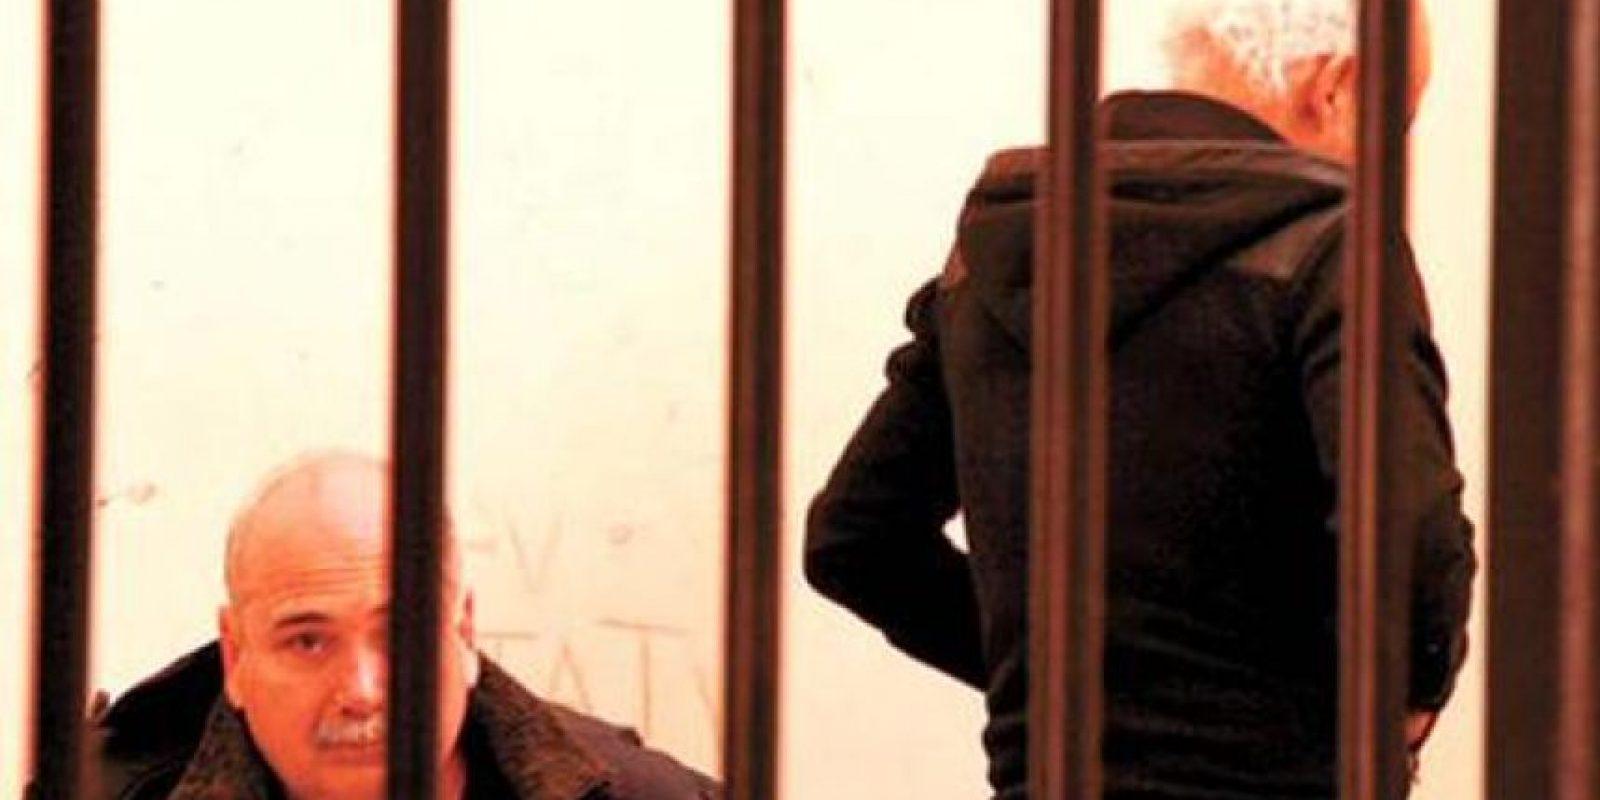 Fue acusado de recibir 7.5 millones de euros en sobornos por el empresa Datisa, para hacerse de los derechos de transmisión de las competiciones de fútbol de la Conmebol, al igual que el resto de los directivos sudamericanos. Su arresto se dio en Bolivia el pasado 17 de julio gracias a la investigación iniciada por el FBI y podría pasar hasta 10 años en la cárcel. Foto:Vía twitter.com/FBF_futbol